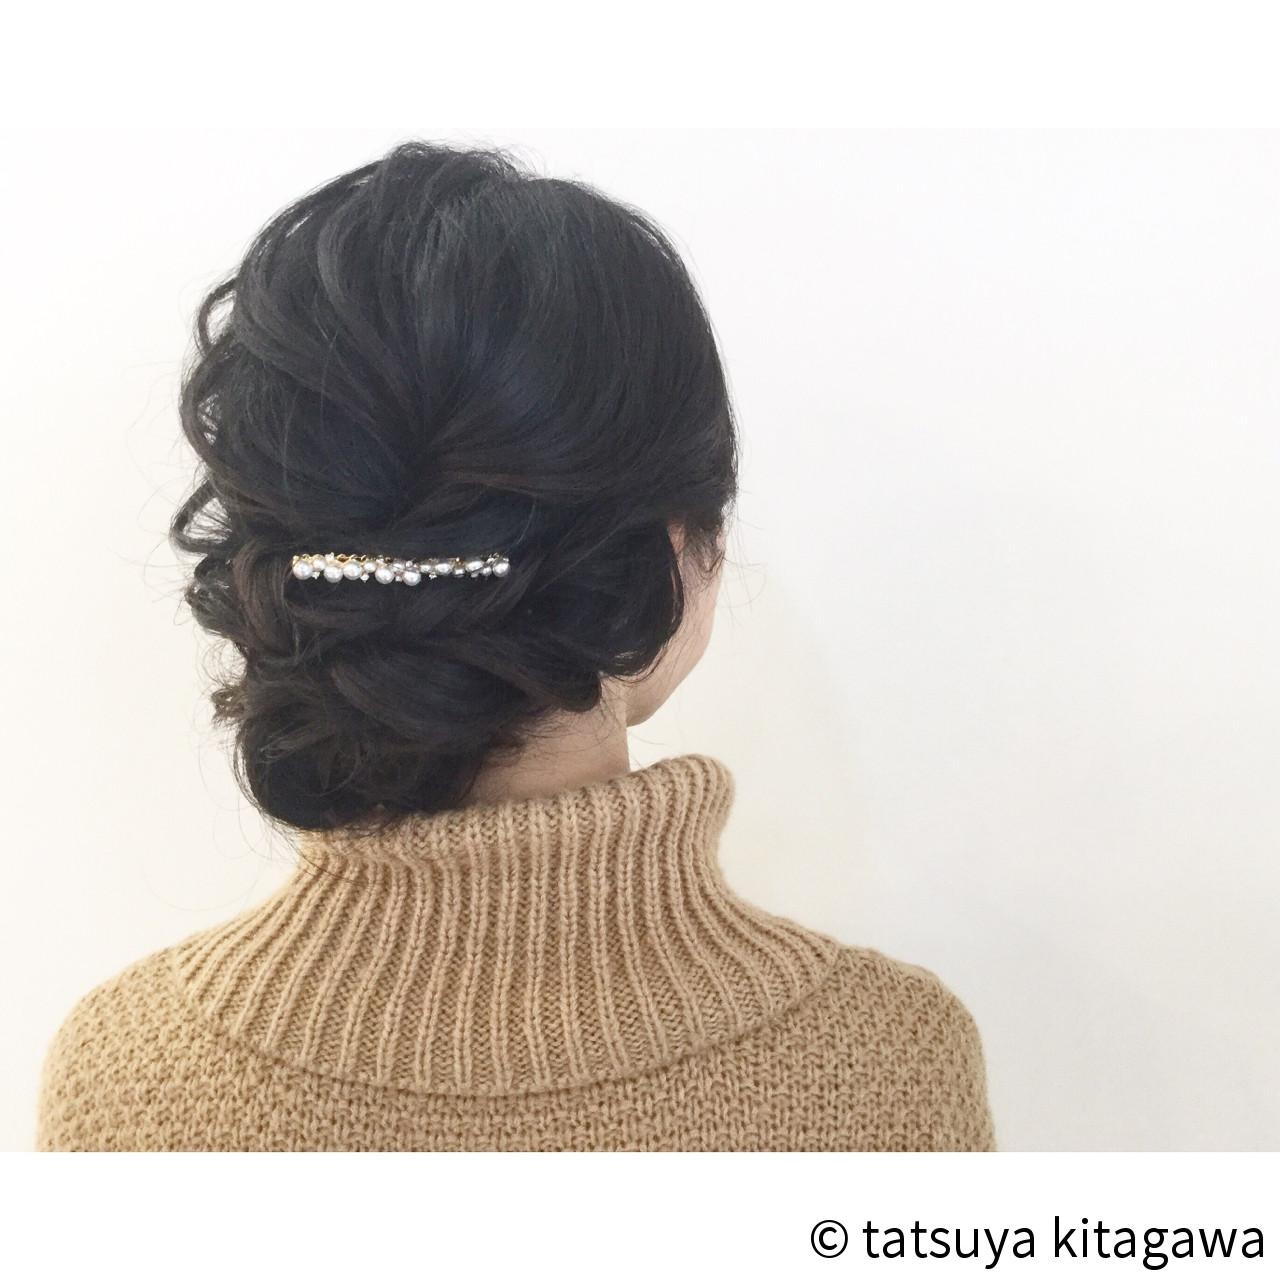 ヘアアレンジ 外国人風 アッシュ 黒髪 ヘアスタイルや髪型の写真・画像